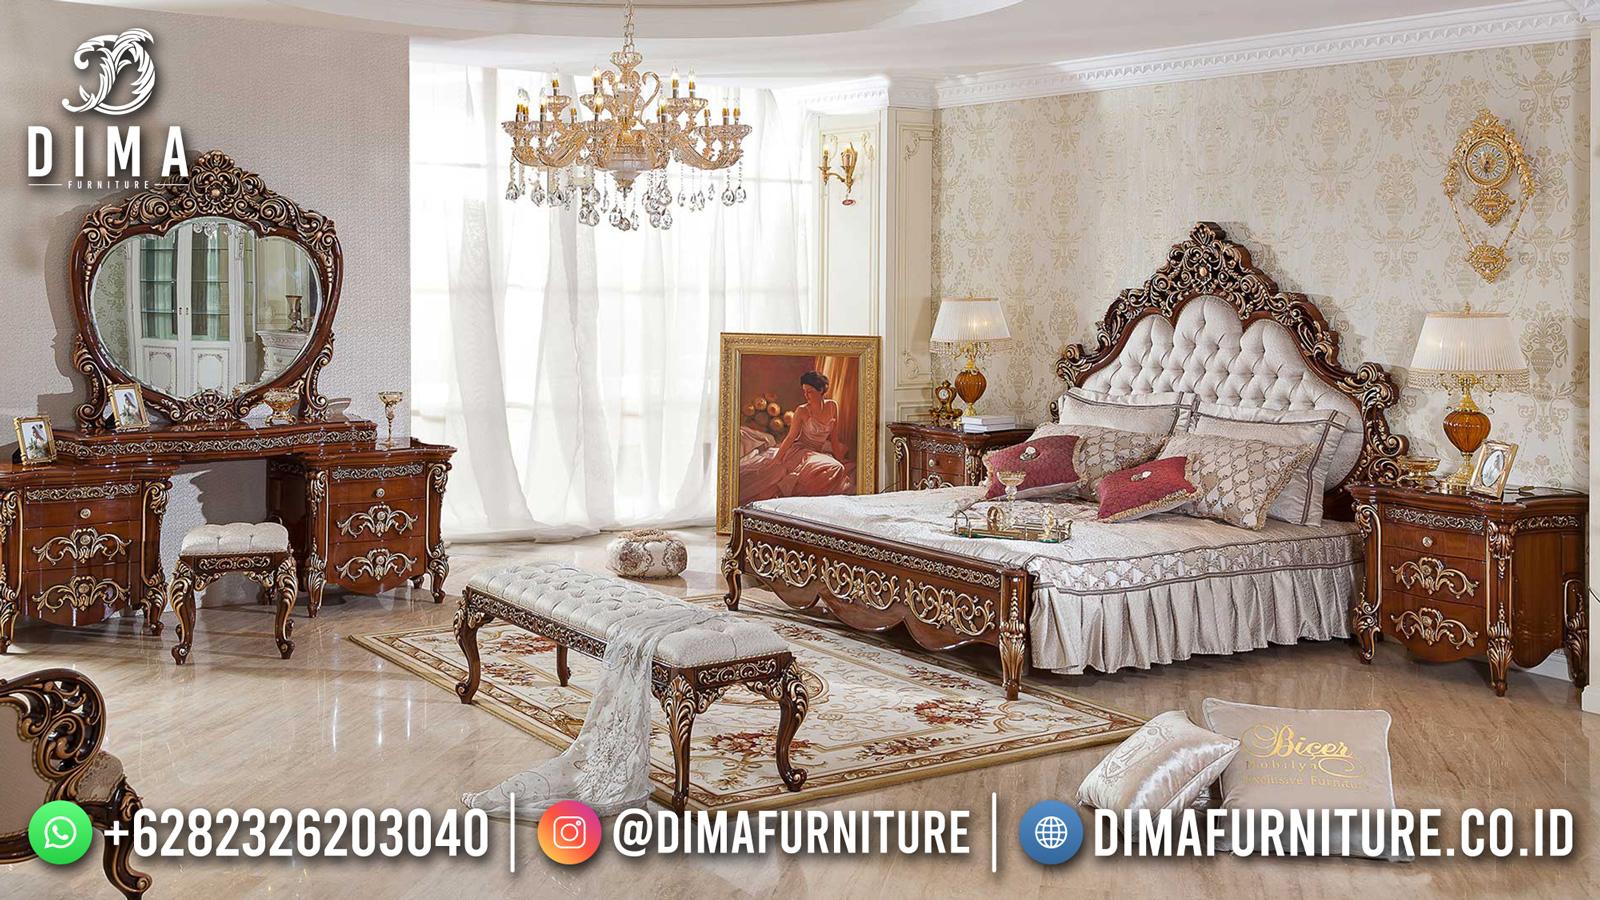 Tempat Tidur Mewah Jati Natural Classic Europe Style DF-1564